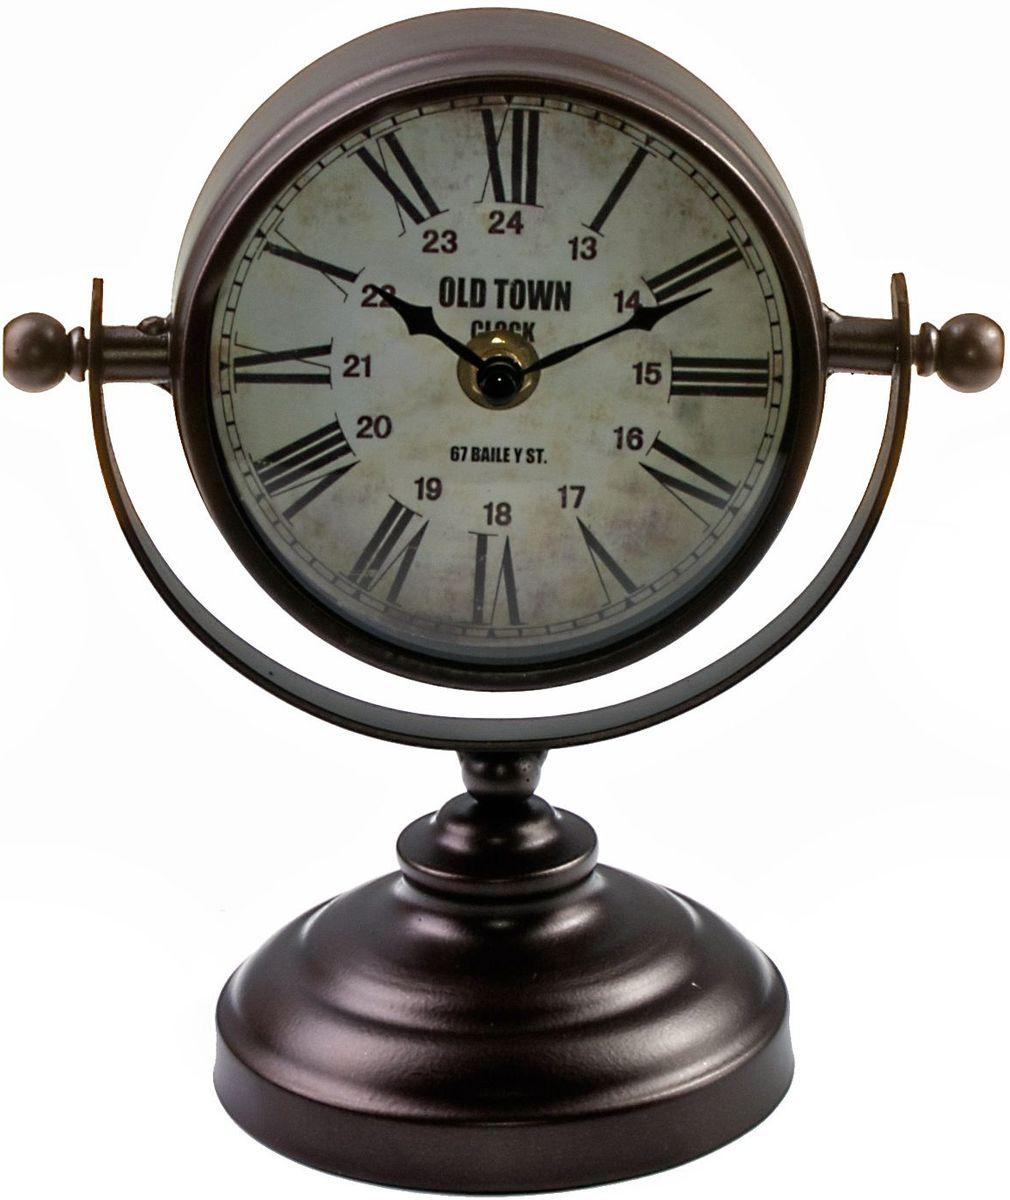 Часы настольные Miralight Copper, на подставке, цвет: темная медьML-5161 Copper Часы настольные на подставке, тёмная медьЧасы настольные Miralight Copper, изготовленные из металла, прекрасно украсят интерьер вашего помещения. Часы, выполненные в модномстилеретро, имеют оригинальную подставку для удобного размещения на столе и массивный металлический корпус. Состаренный циферблат круглойформы имеет две стилизованныефигурные стрелки: часовую и минутную и элегантные римские цифры.Питаниеосуществляется от одной батарейки типа АА (не входит в комплект).Оформите свой дом таким интерьерным аксессуаром или преподнесите его в качестве презента друзьям, и они оценят ваш оригинальный вкус инеординарность подарка.